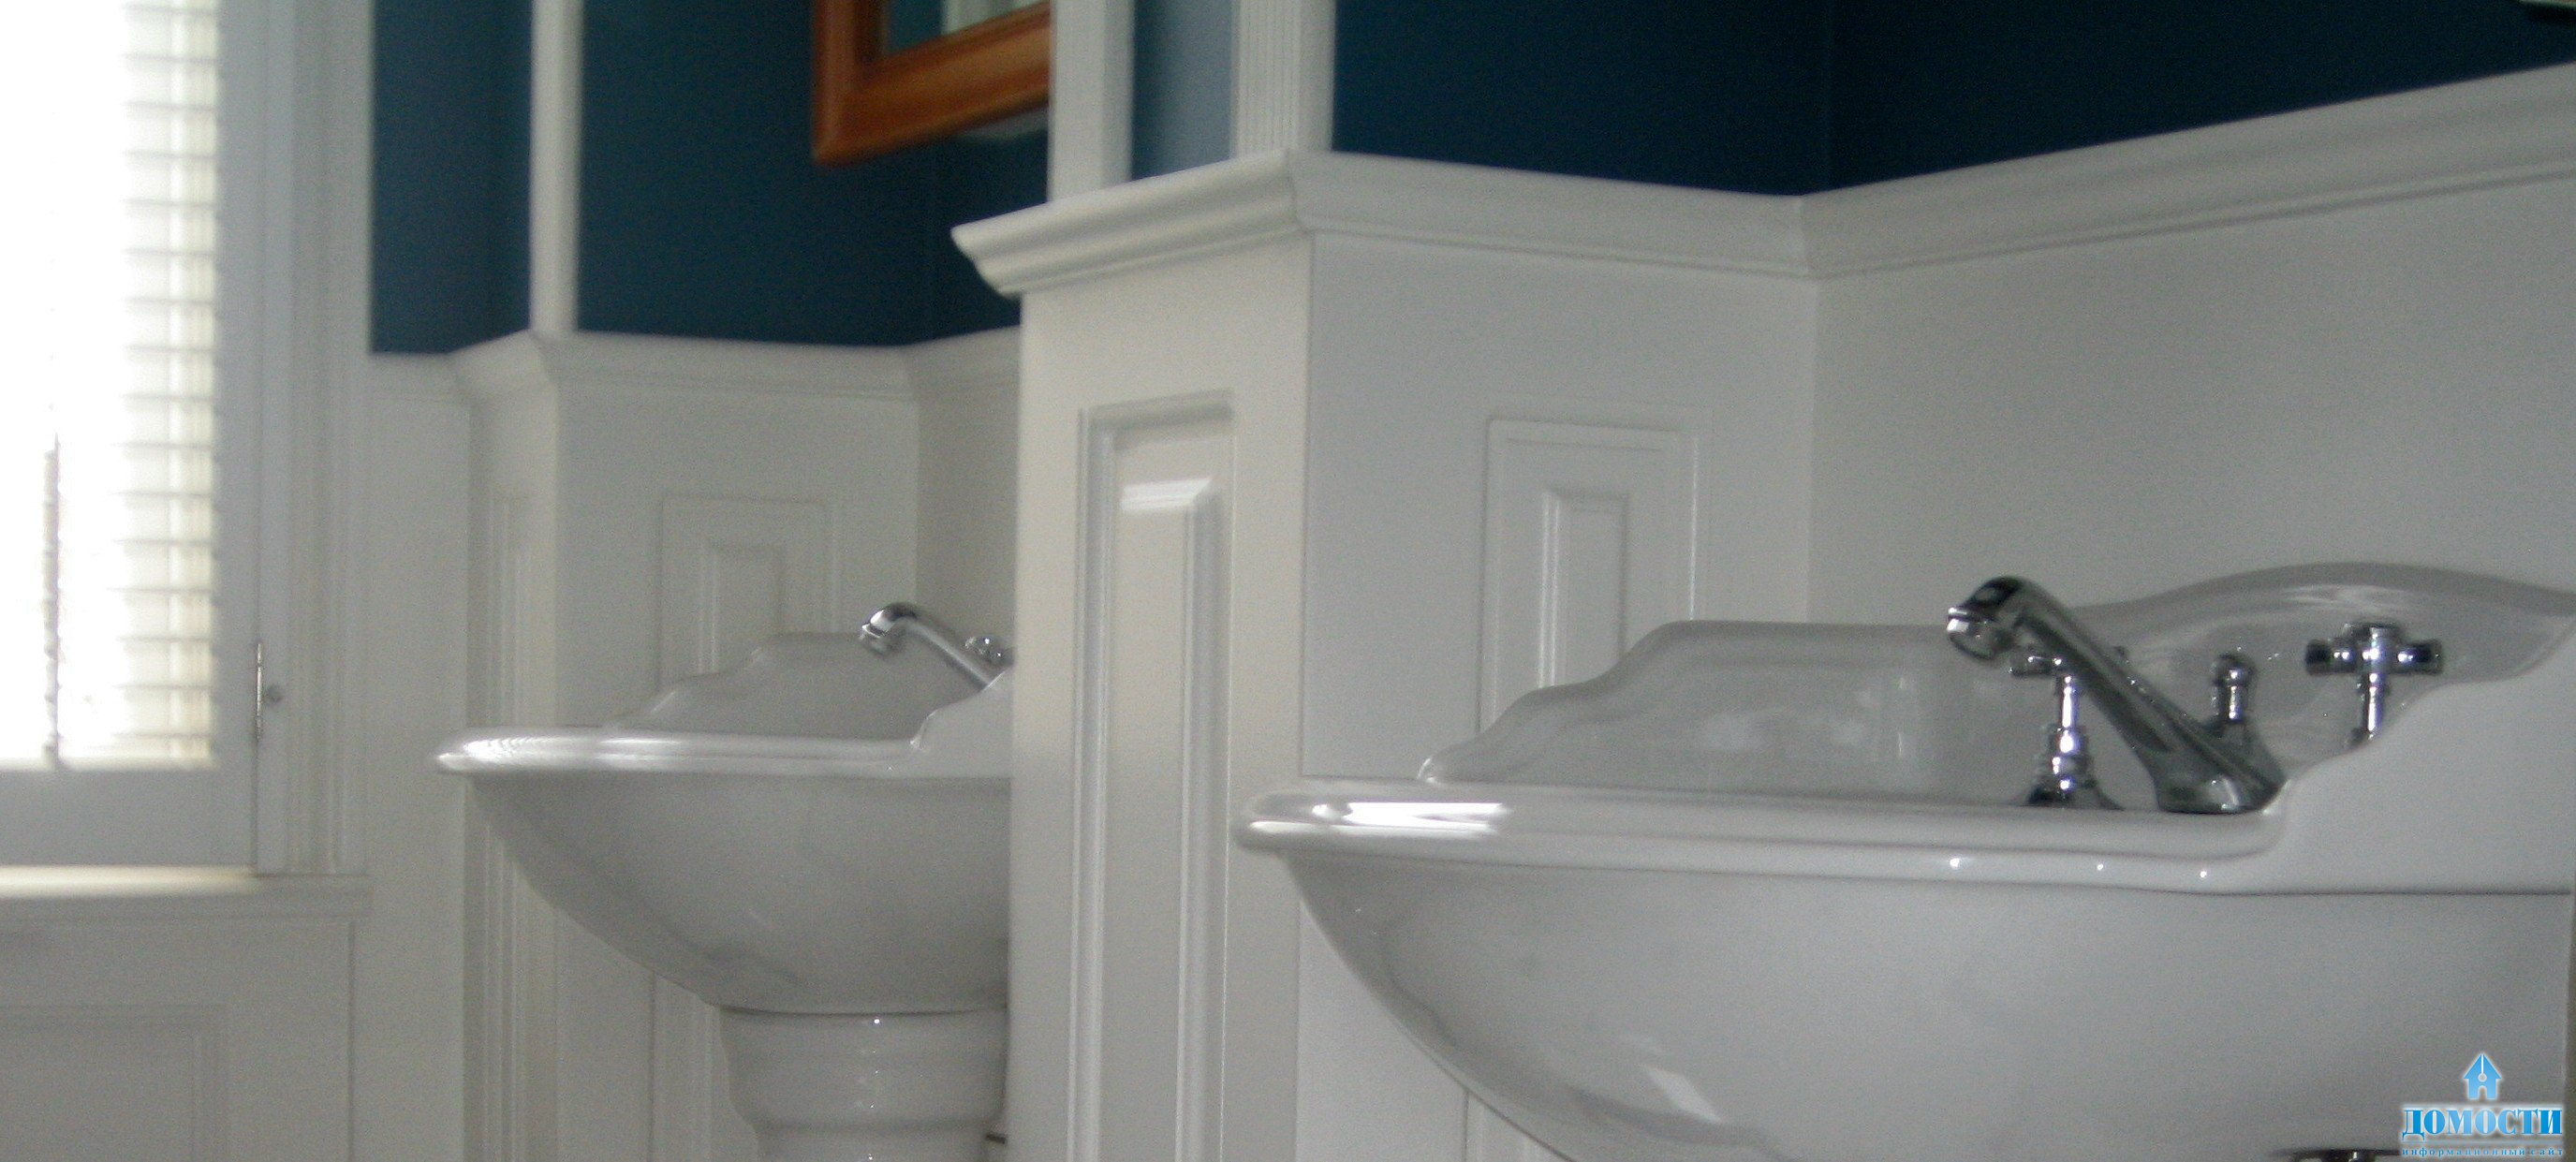 Как обновить дубленку дома или покрасить